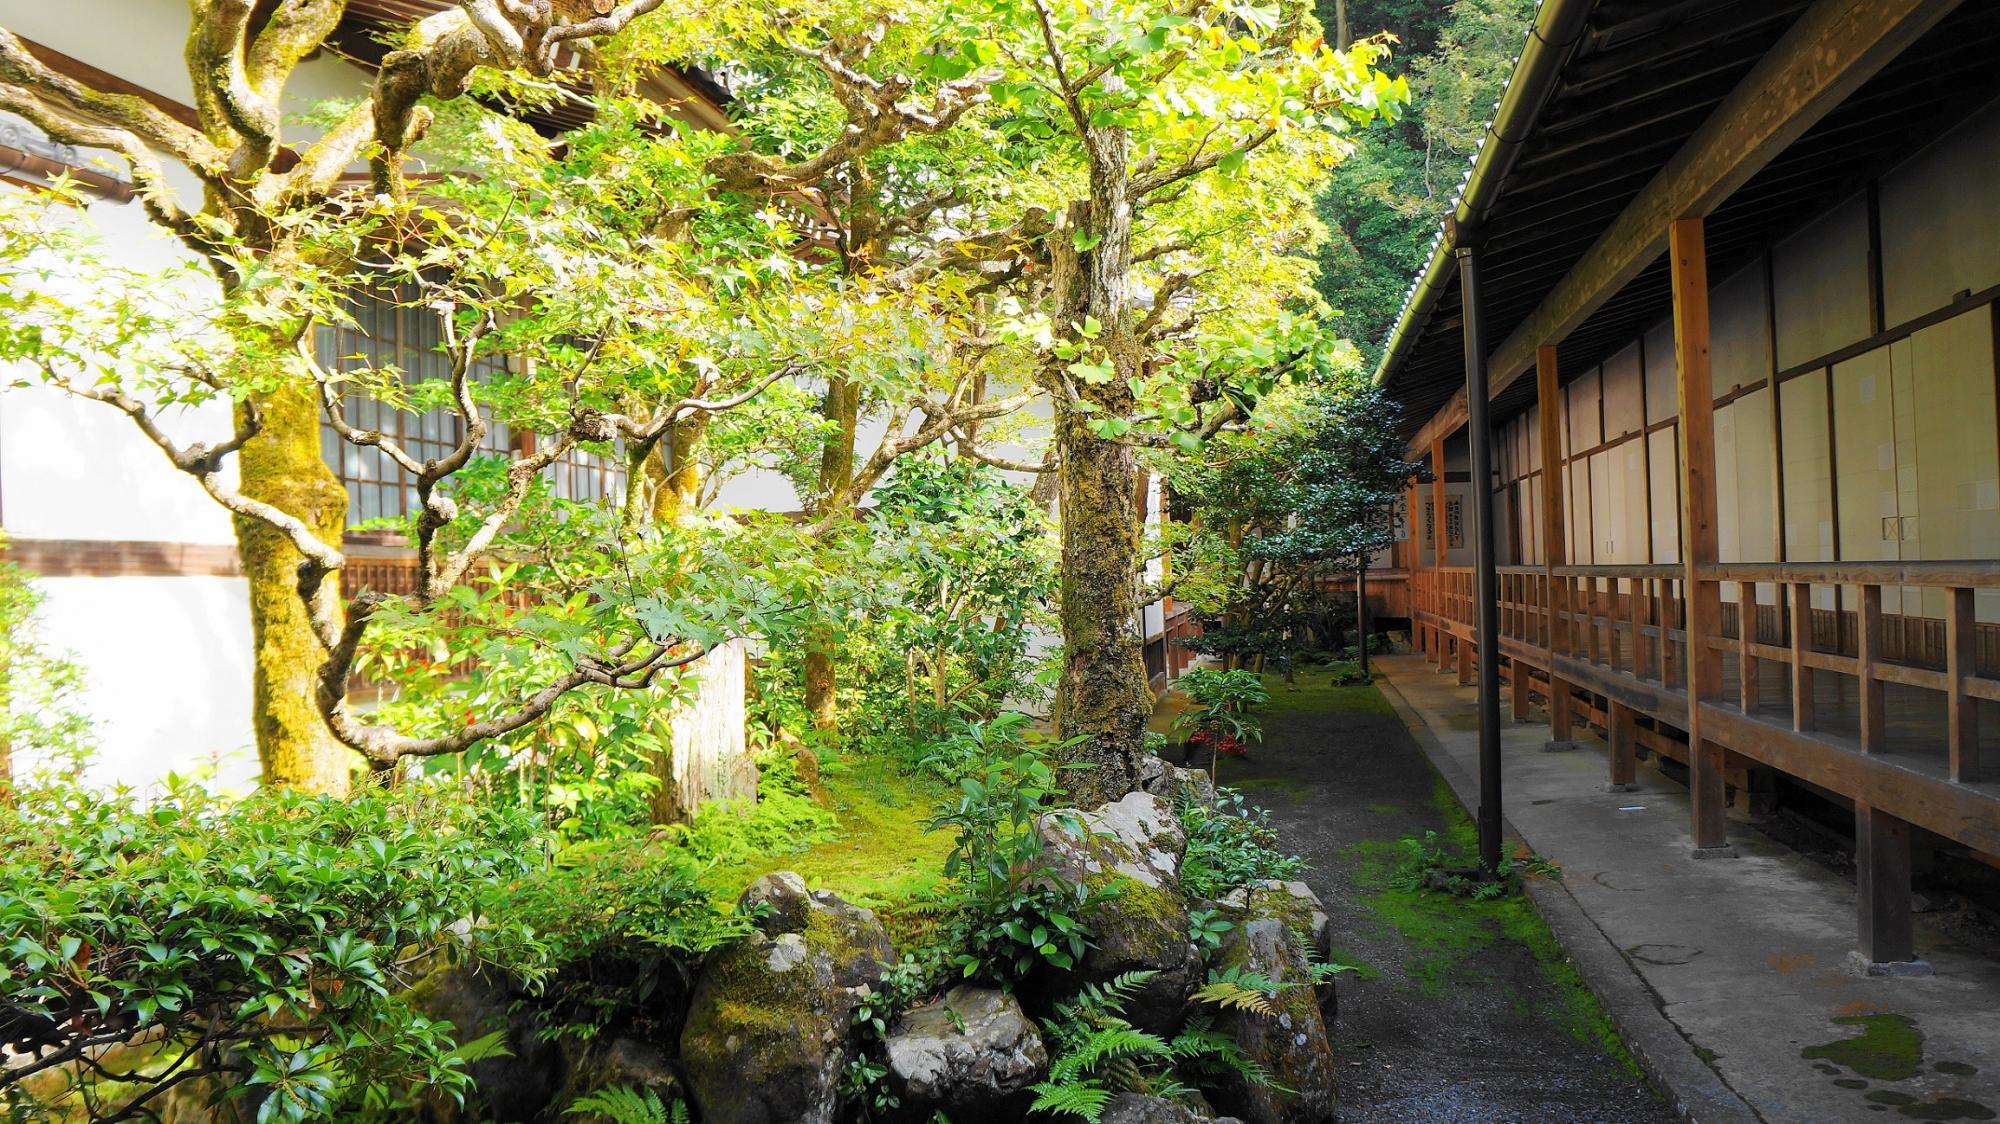 名所の法然院の本堂中庭 11月4日